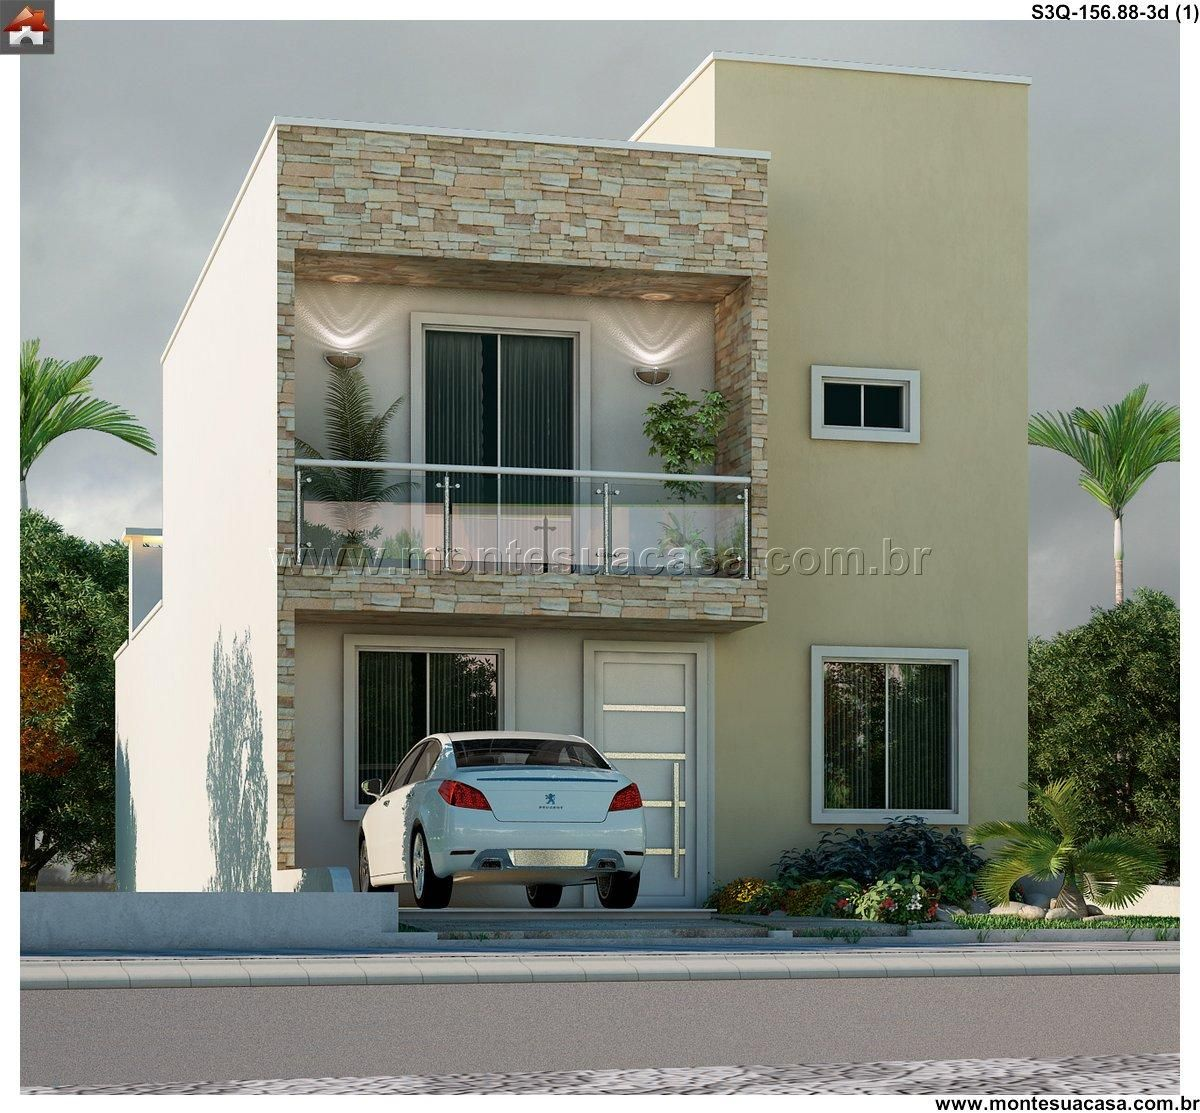 Planta de Sobrado - 3 Quartos - 156.88m² - Monte Sua Casa